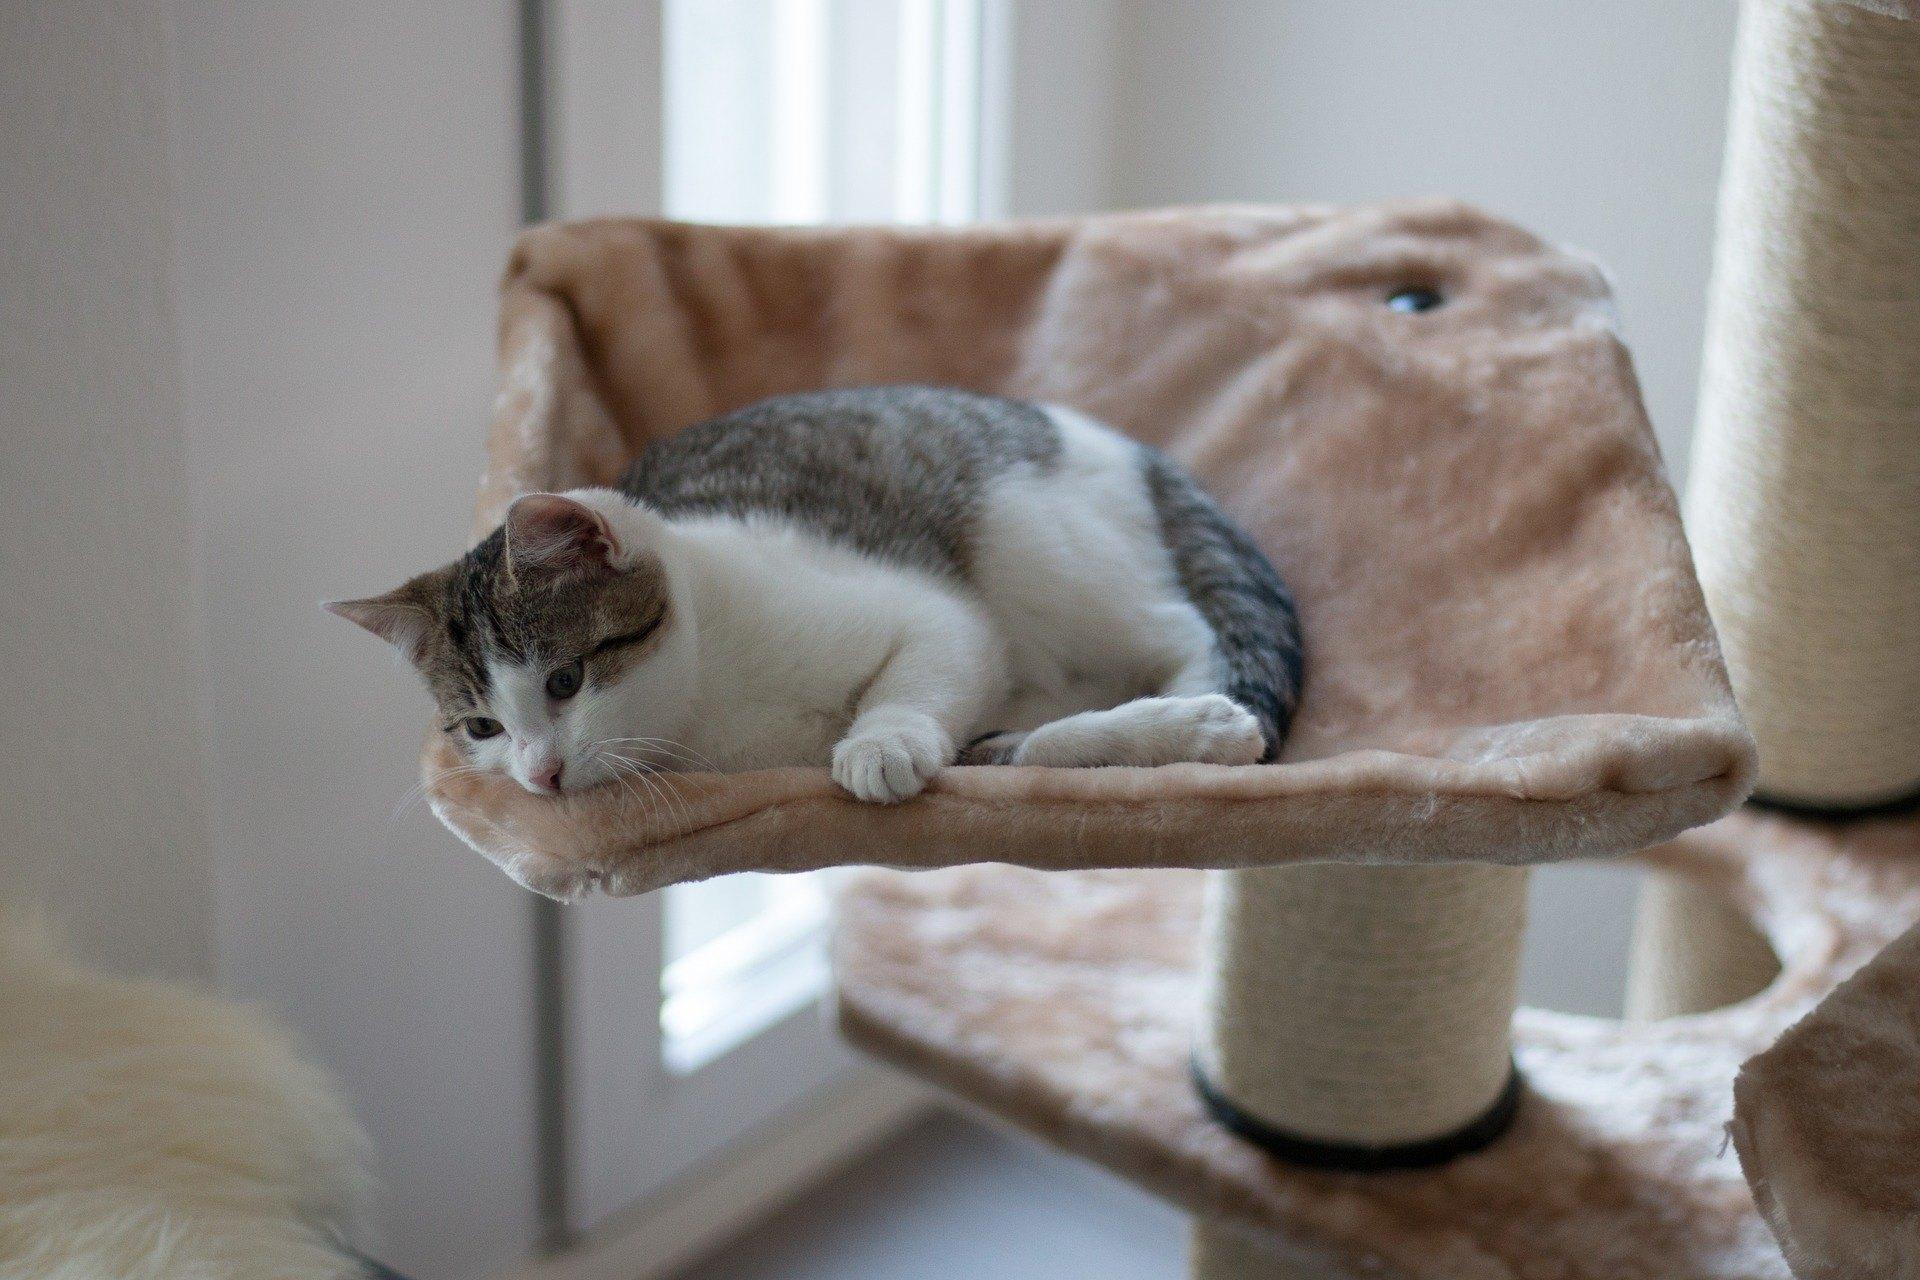 Eine Hängematte für eine Katze ist eine der am besten geeigneten Ideen für ein Versteck, da sie viele Katzenbedürfnisse erfüllt.